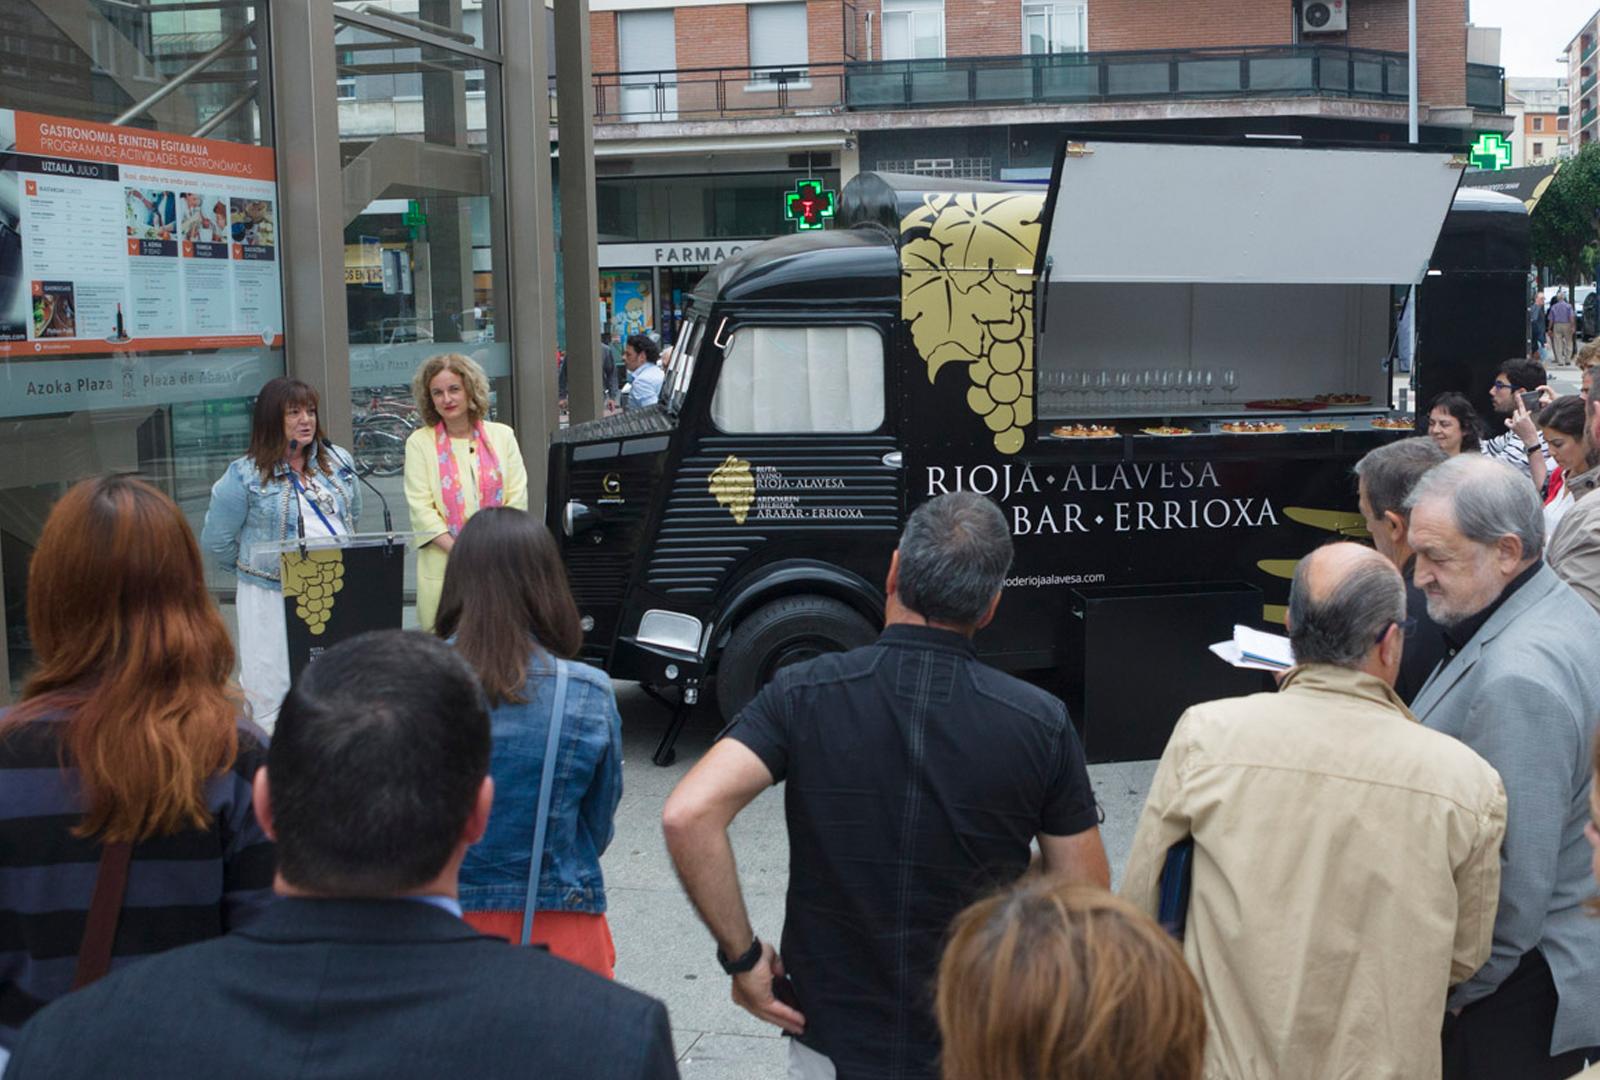 Rioja Alavesa se promocionará con un Food Truck.